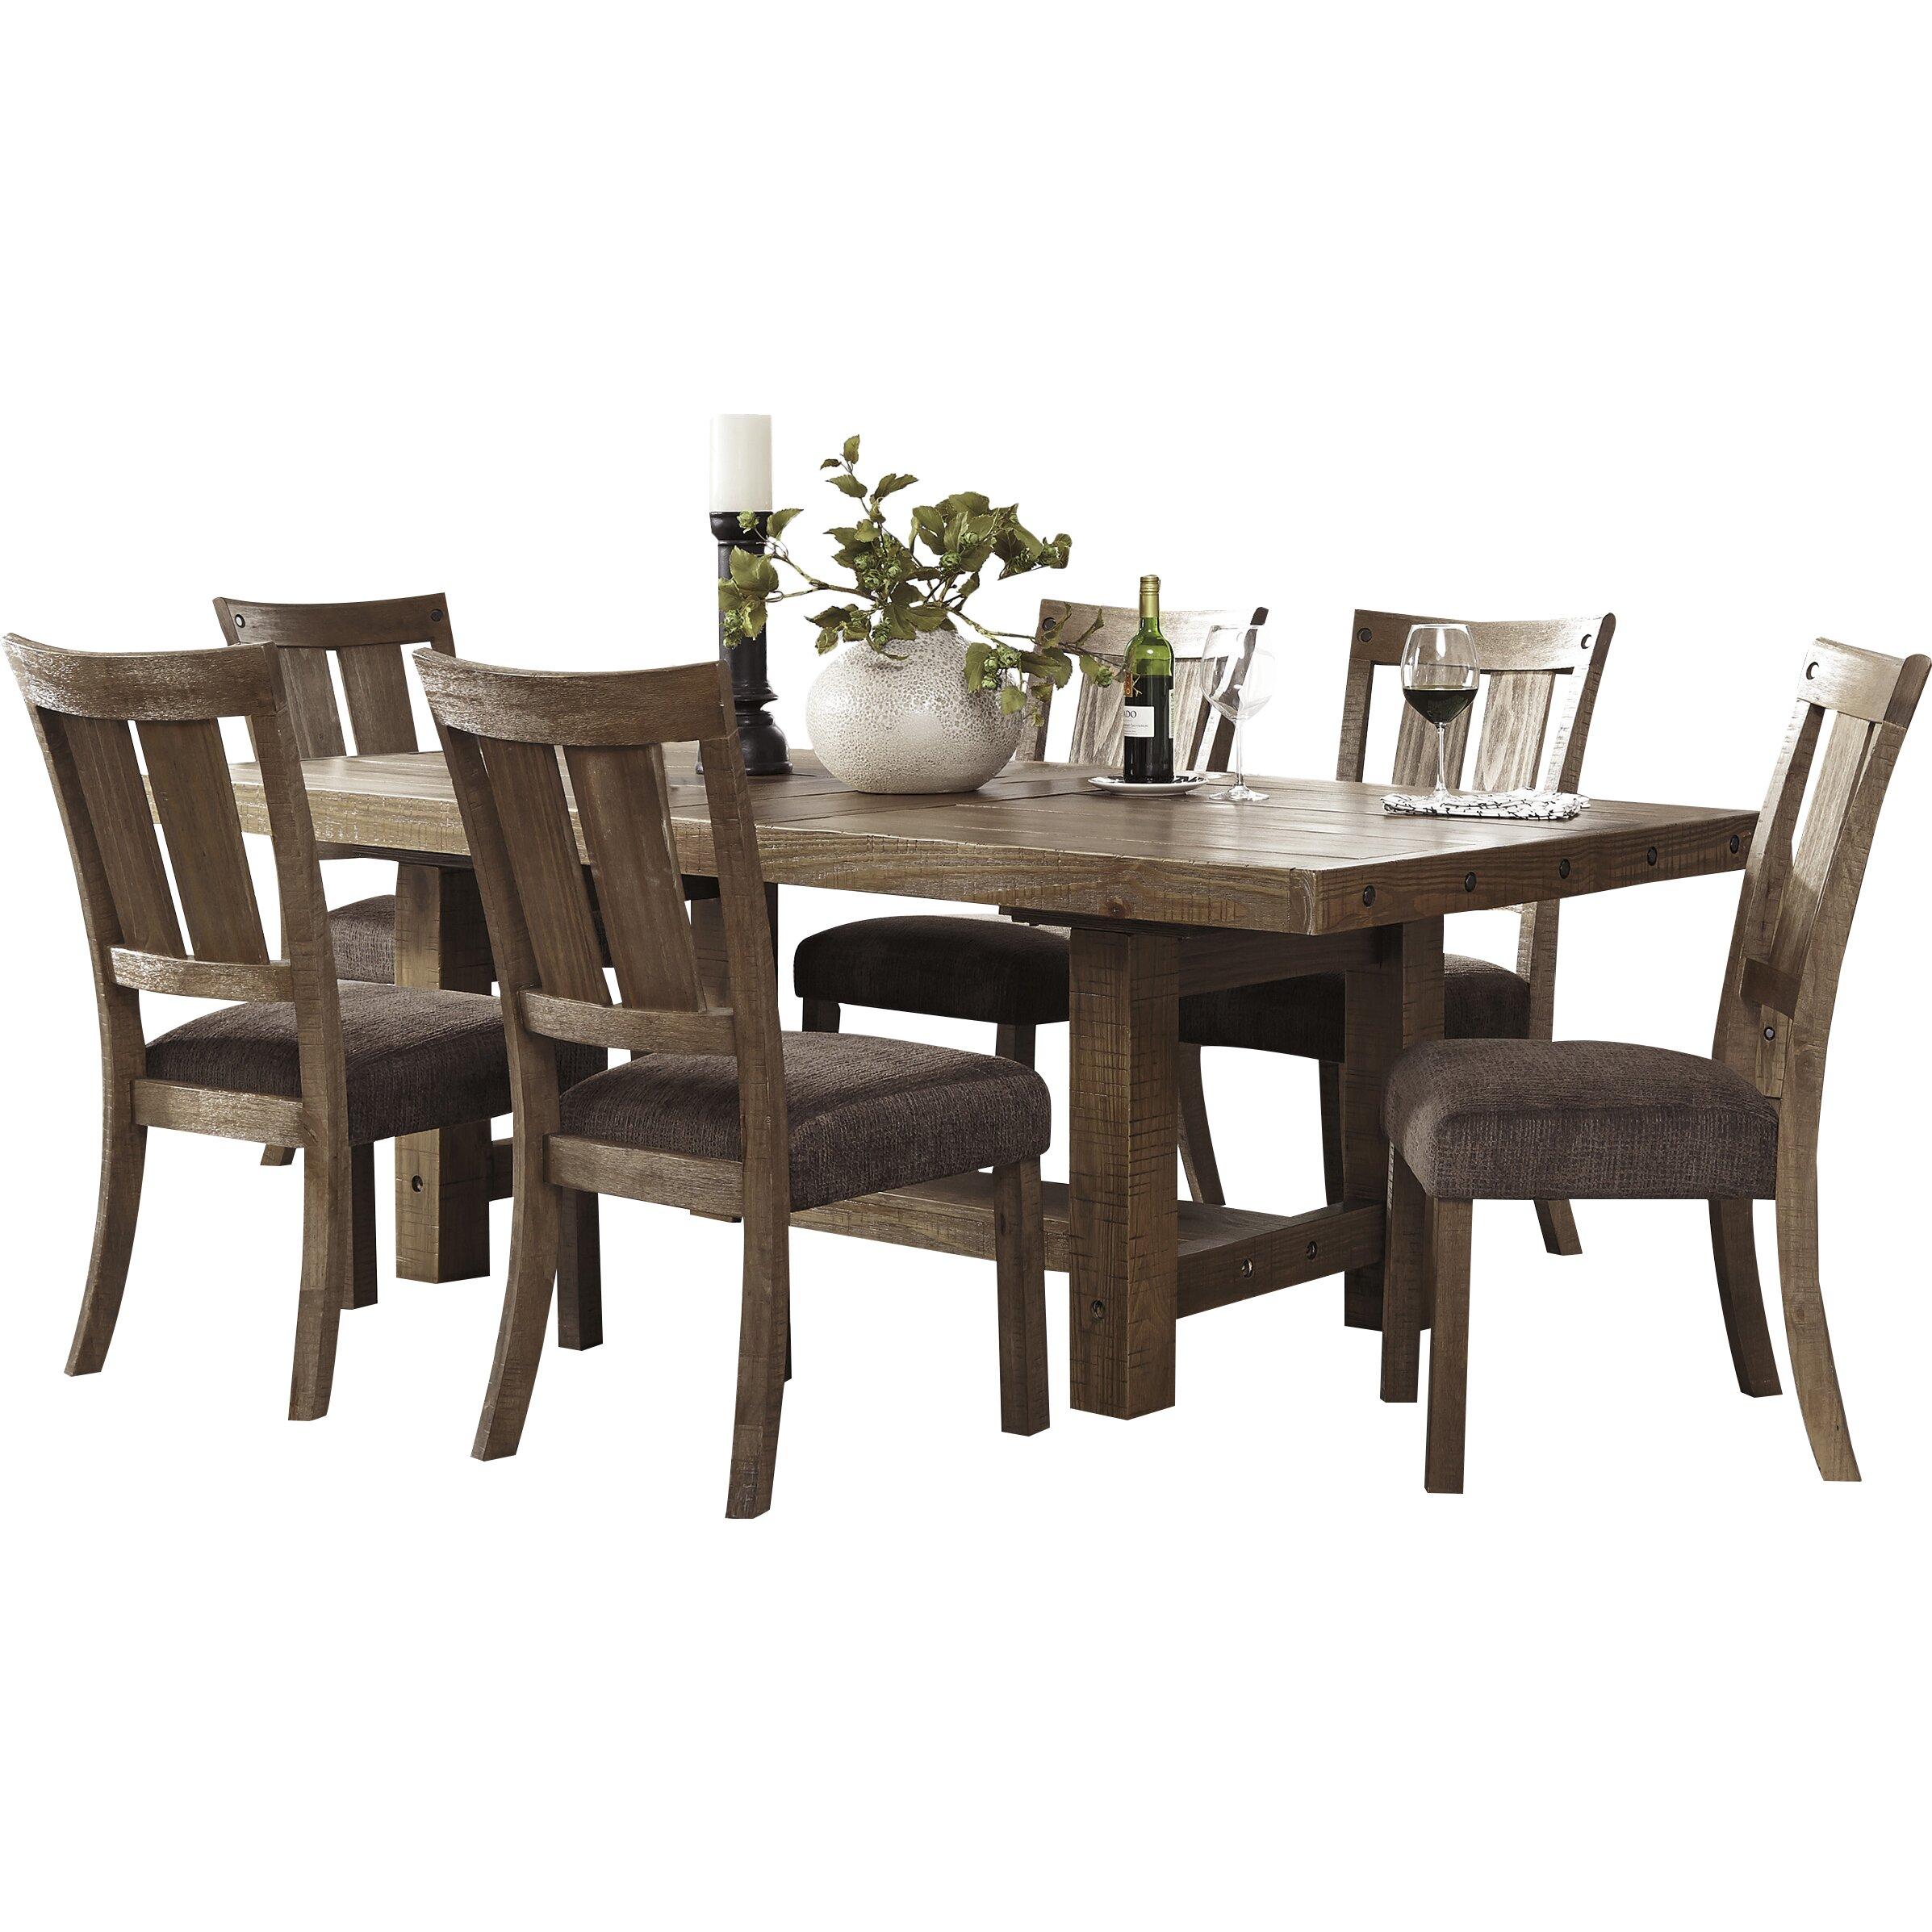 Trent austin design butterfield counter height extendable for Counter height extendable dining table